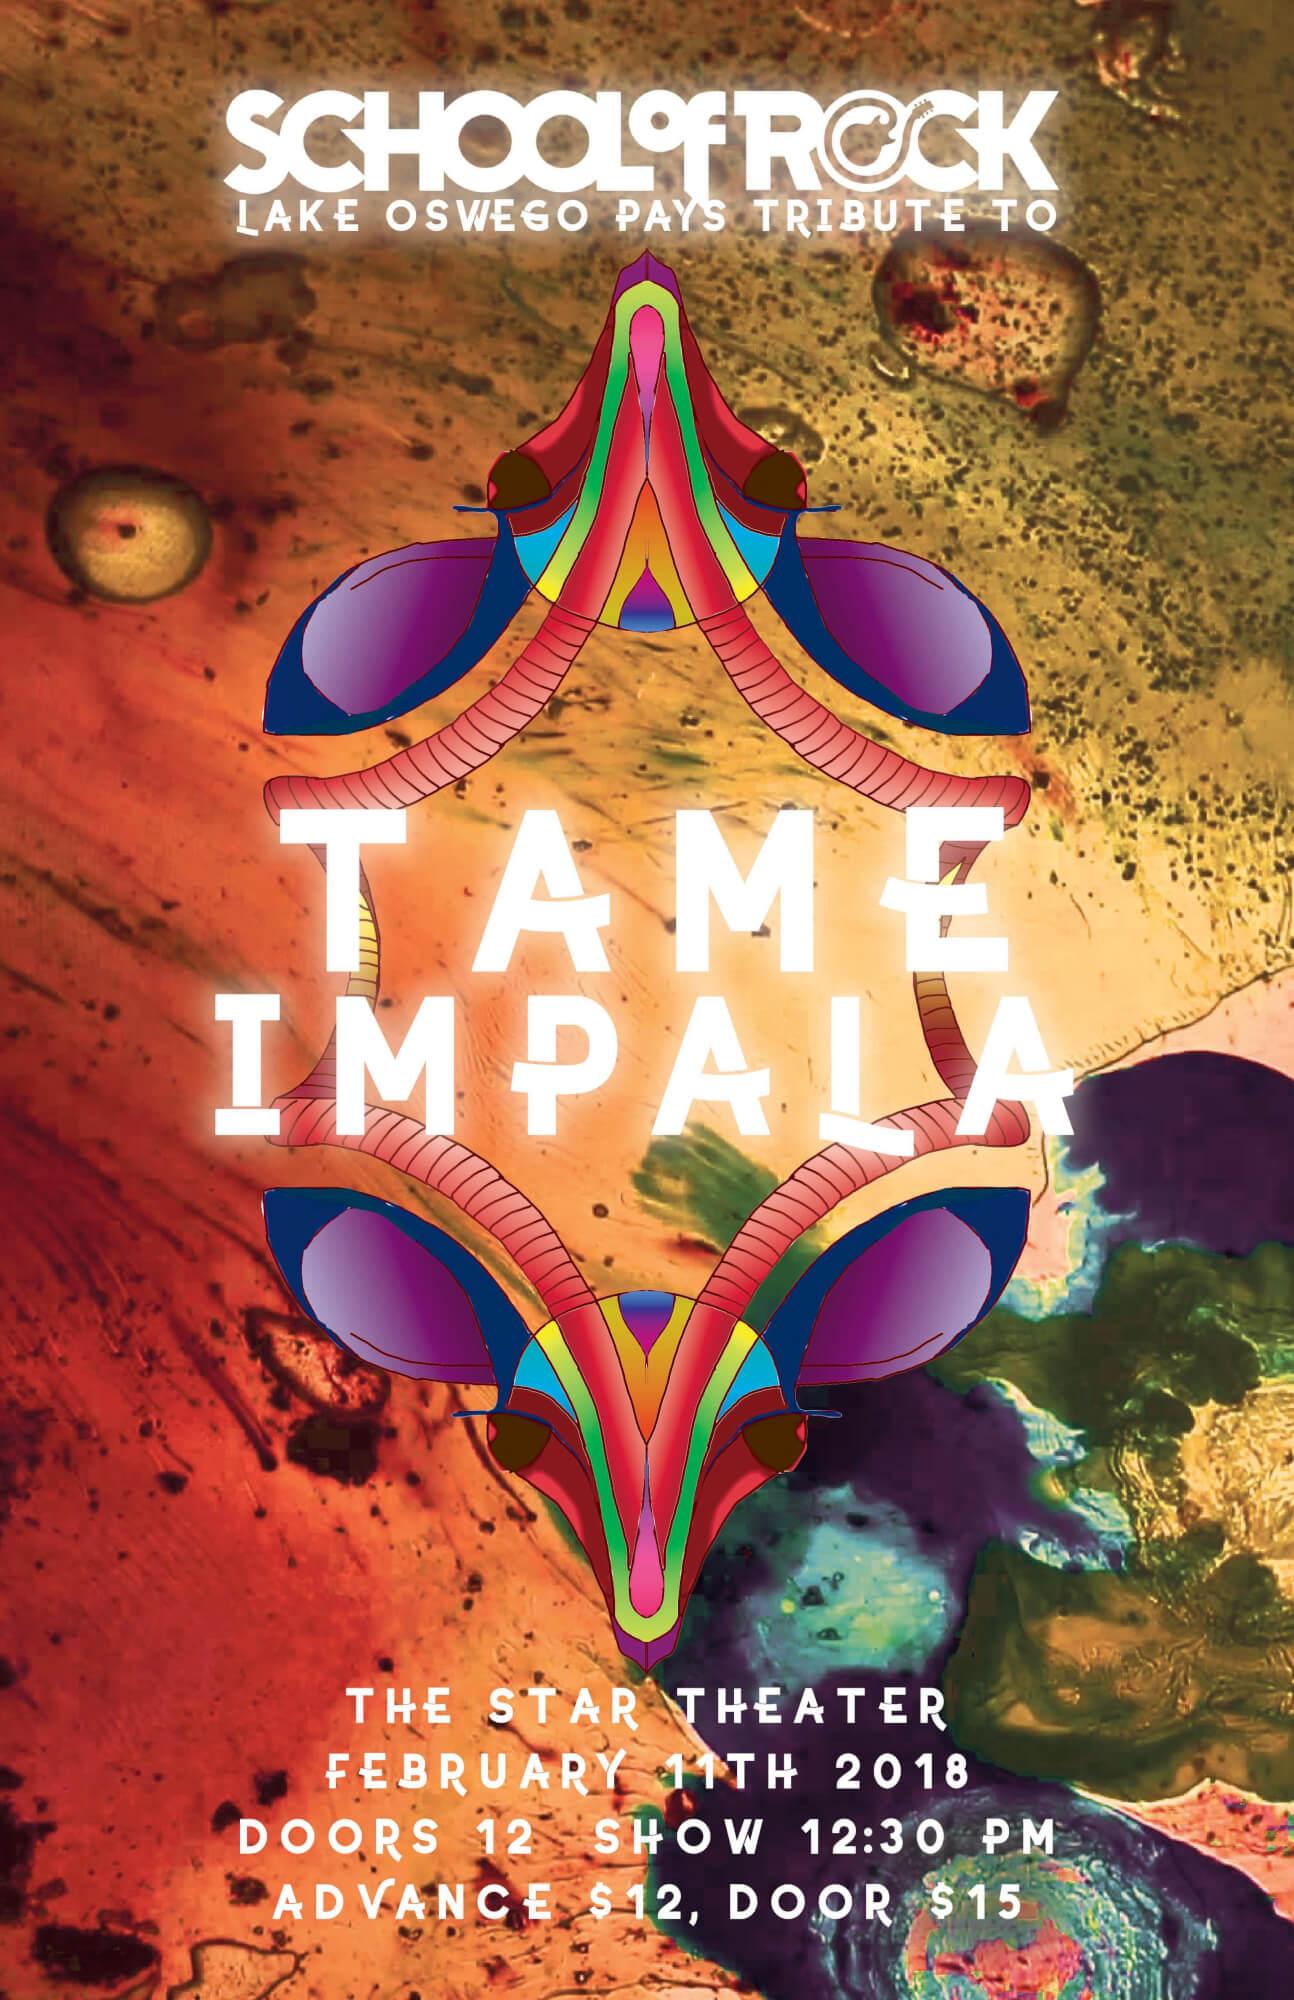 Tame Impala.......